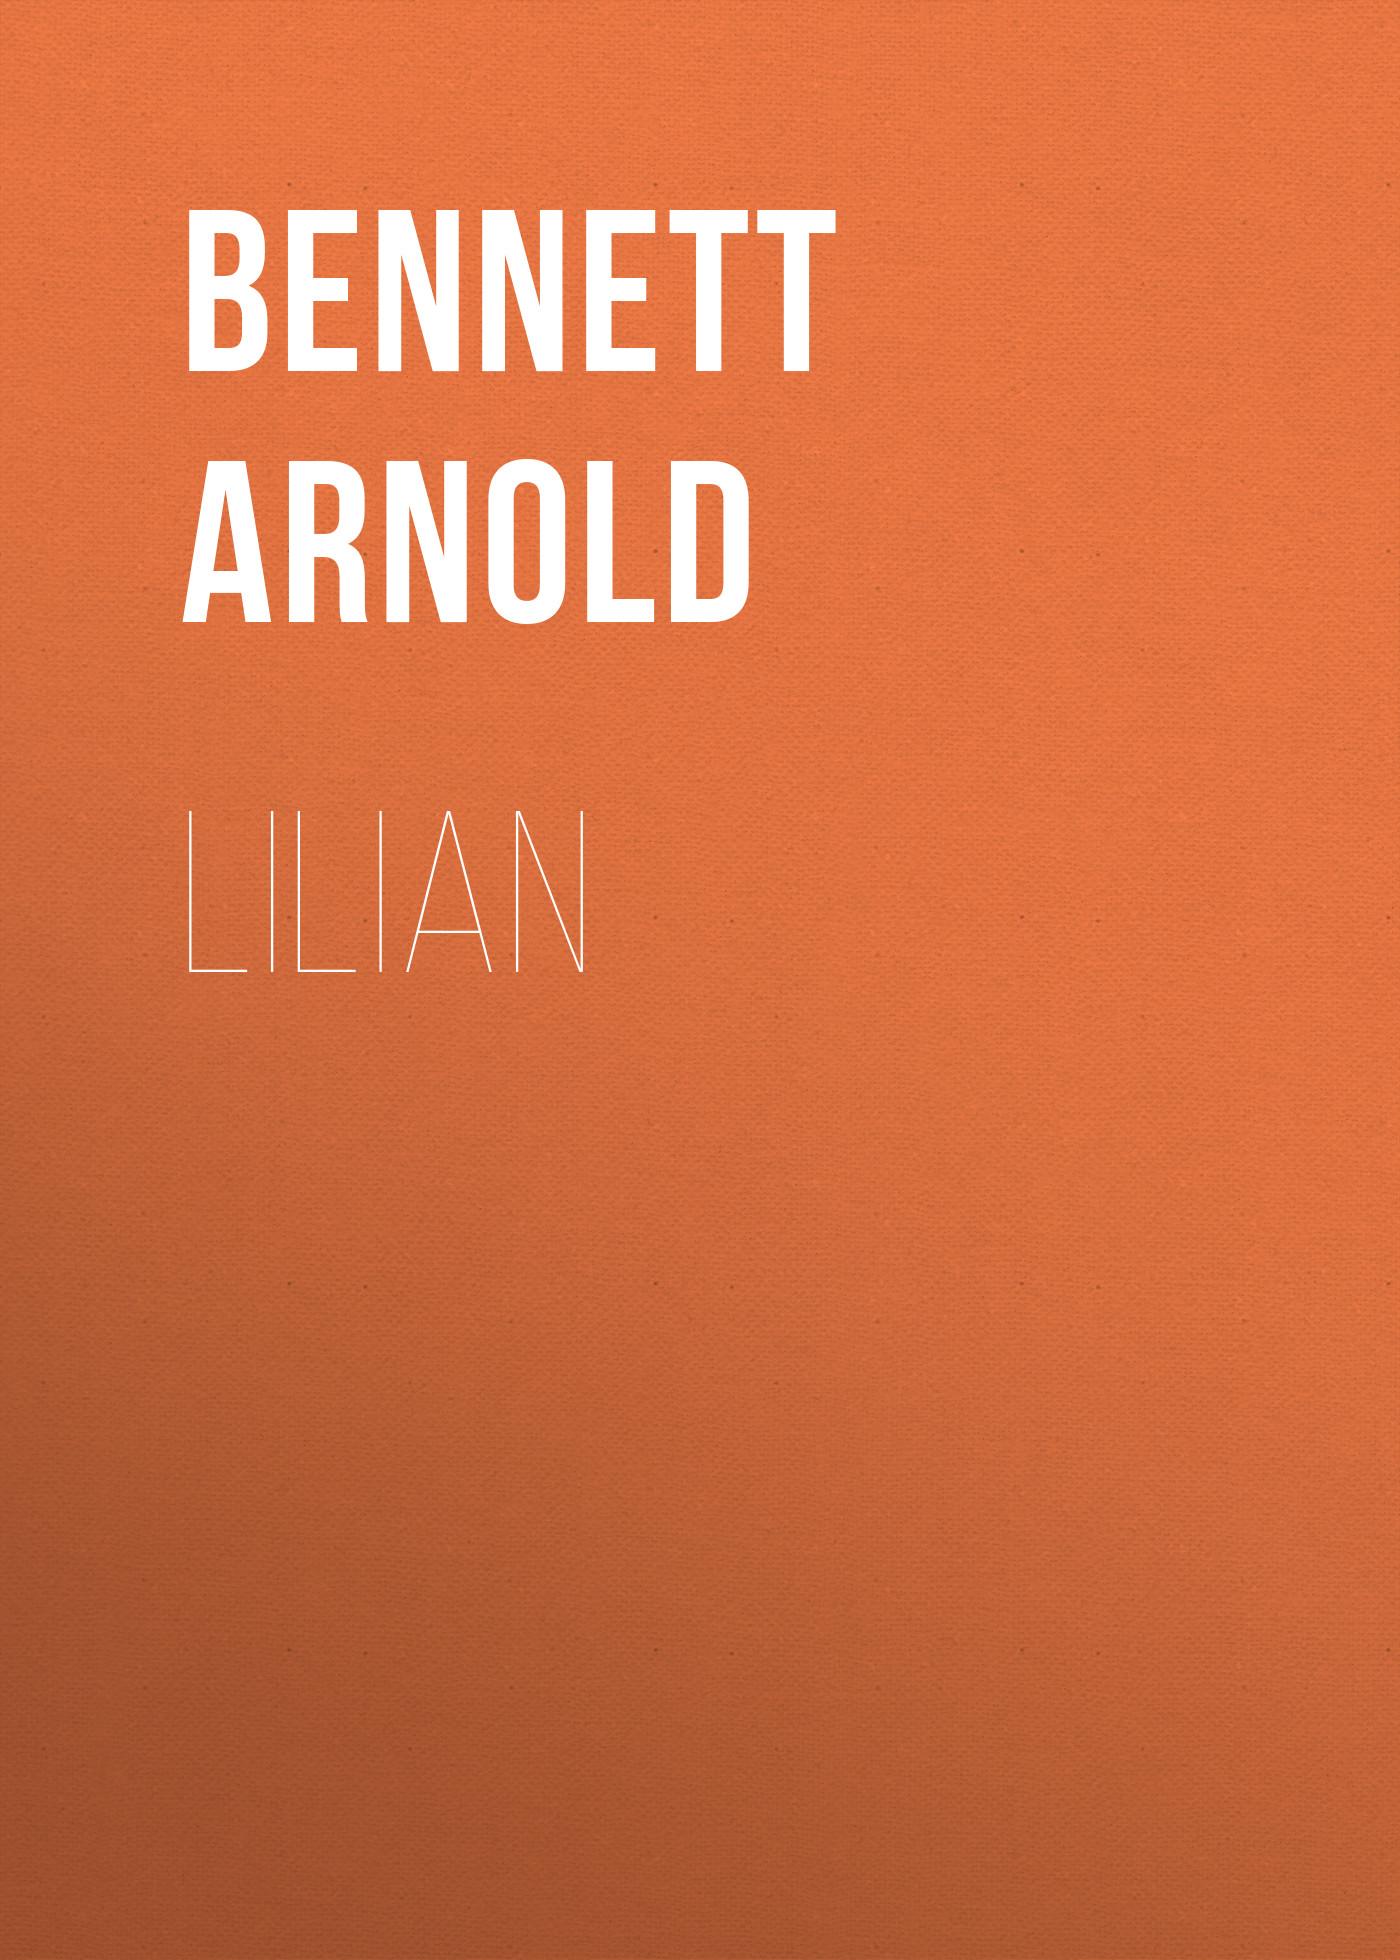 Bennett Arnold Lilian